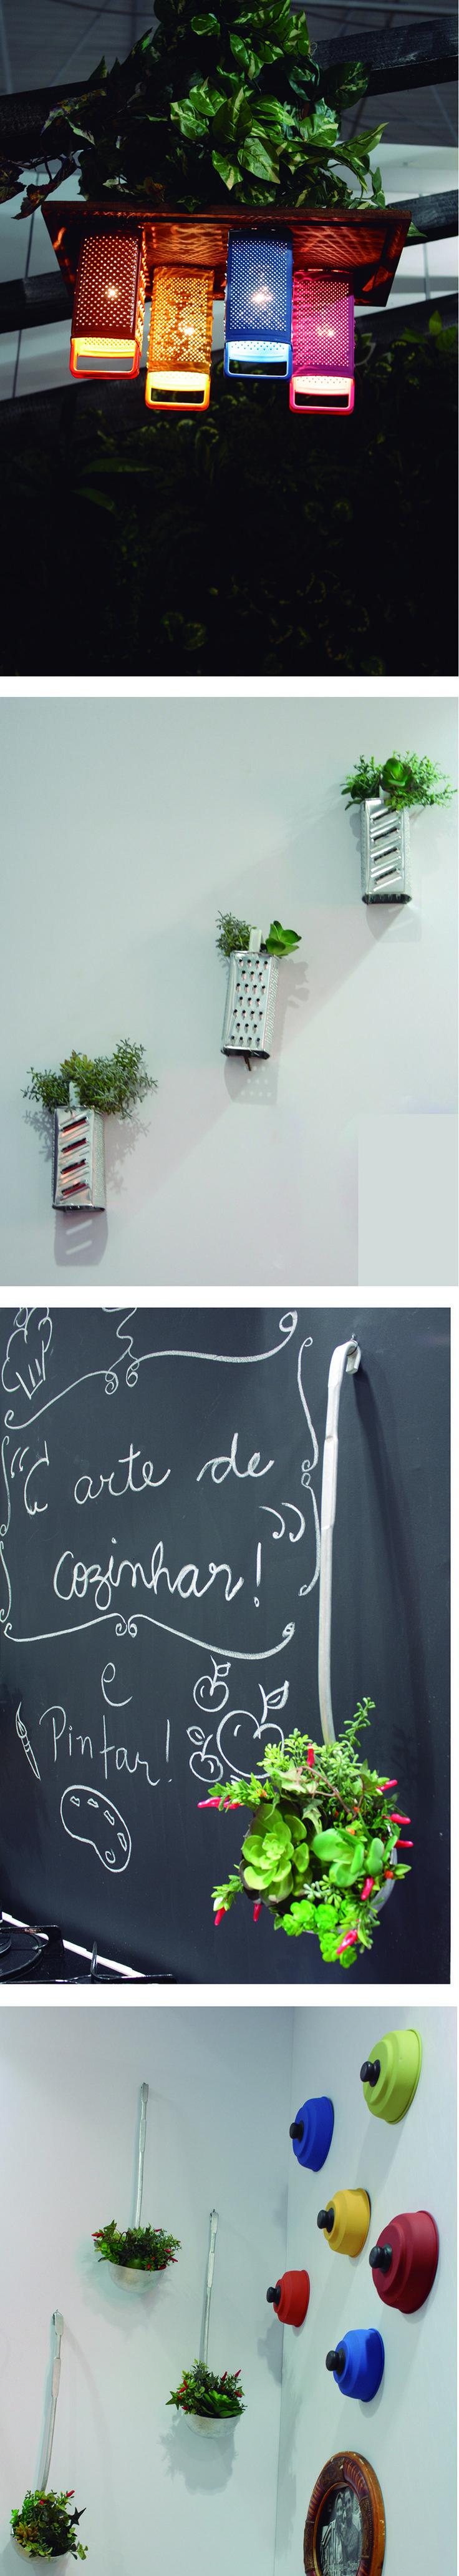 Ideias para decorar a casa com projetos DIY